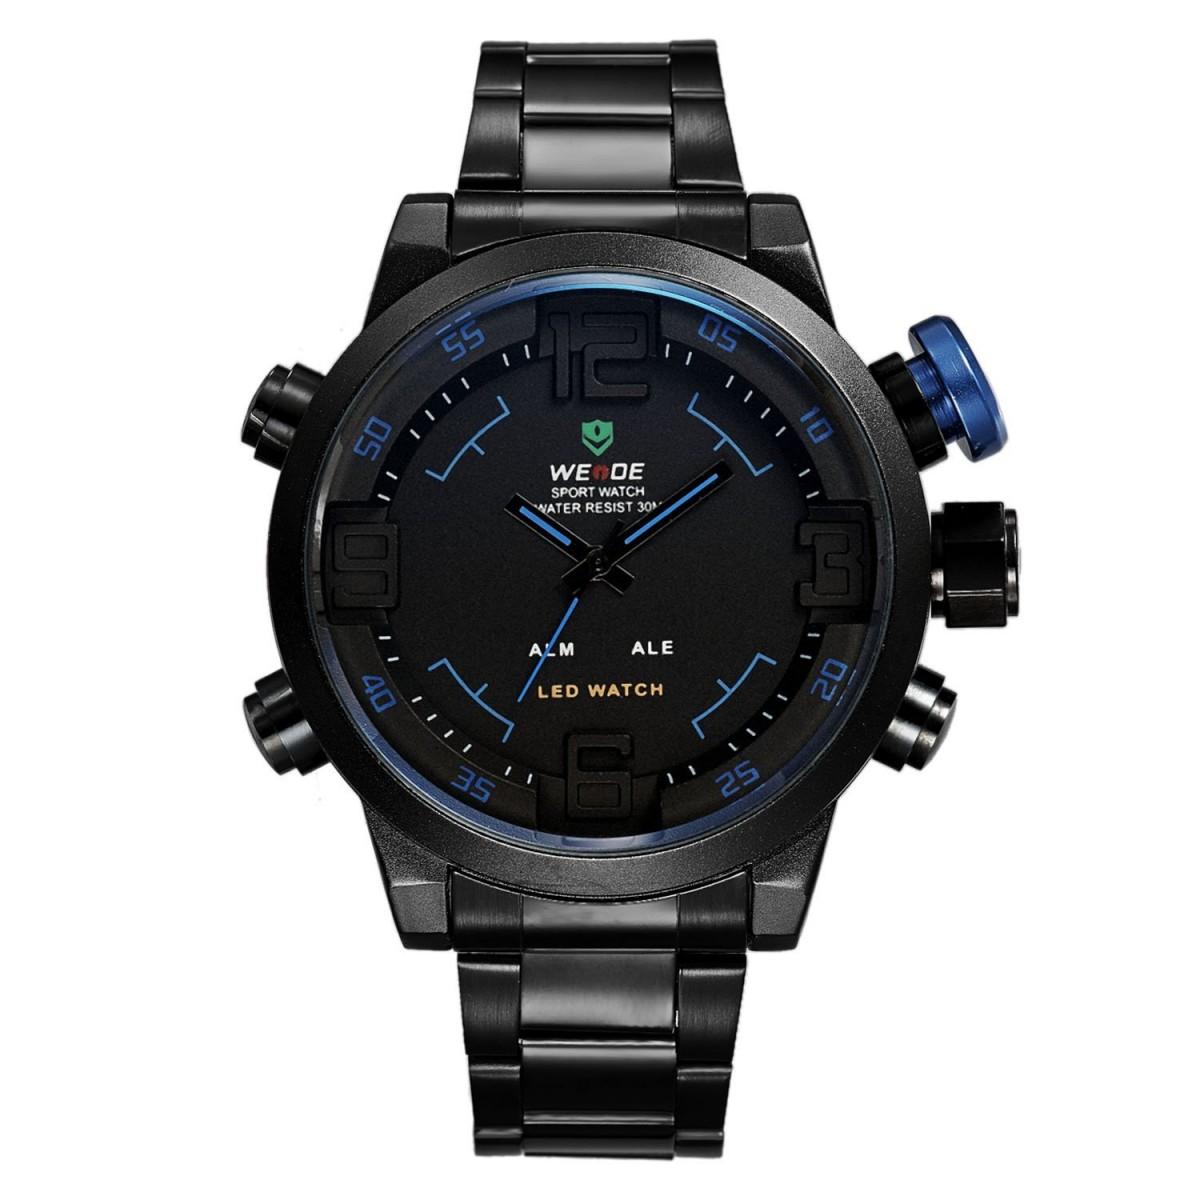 Pánské hodinky Weide Hard - Glami.cz 357060a970